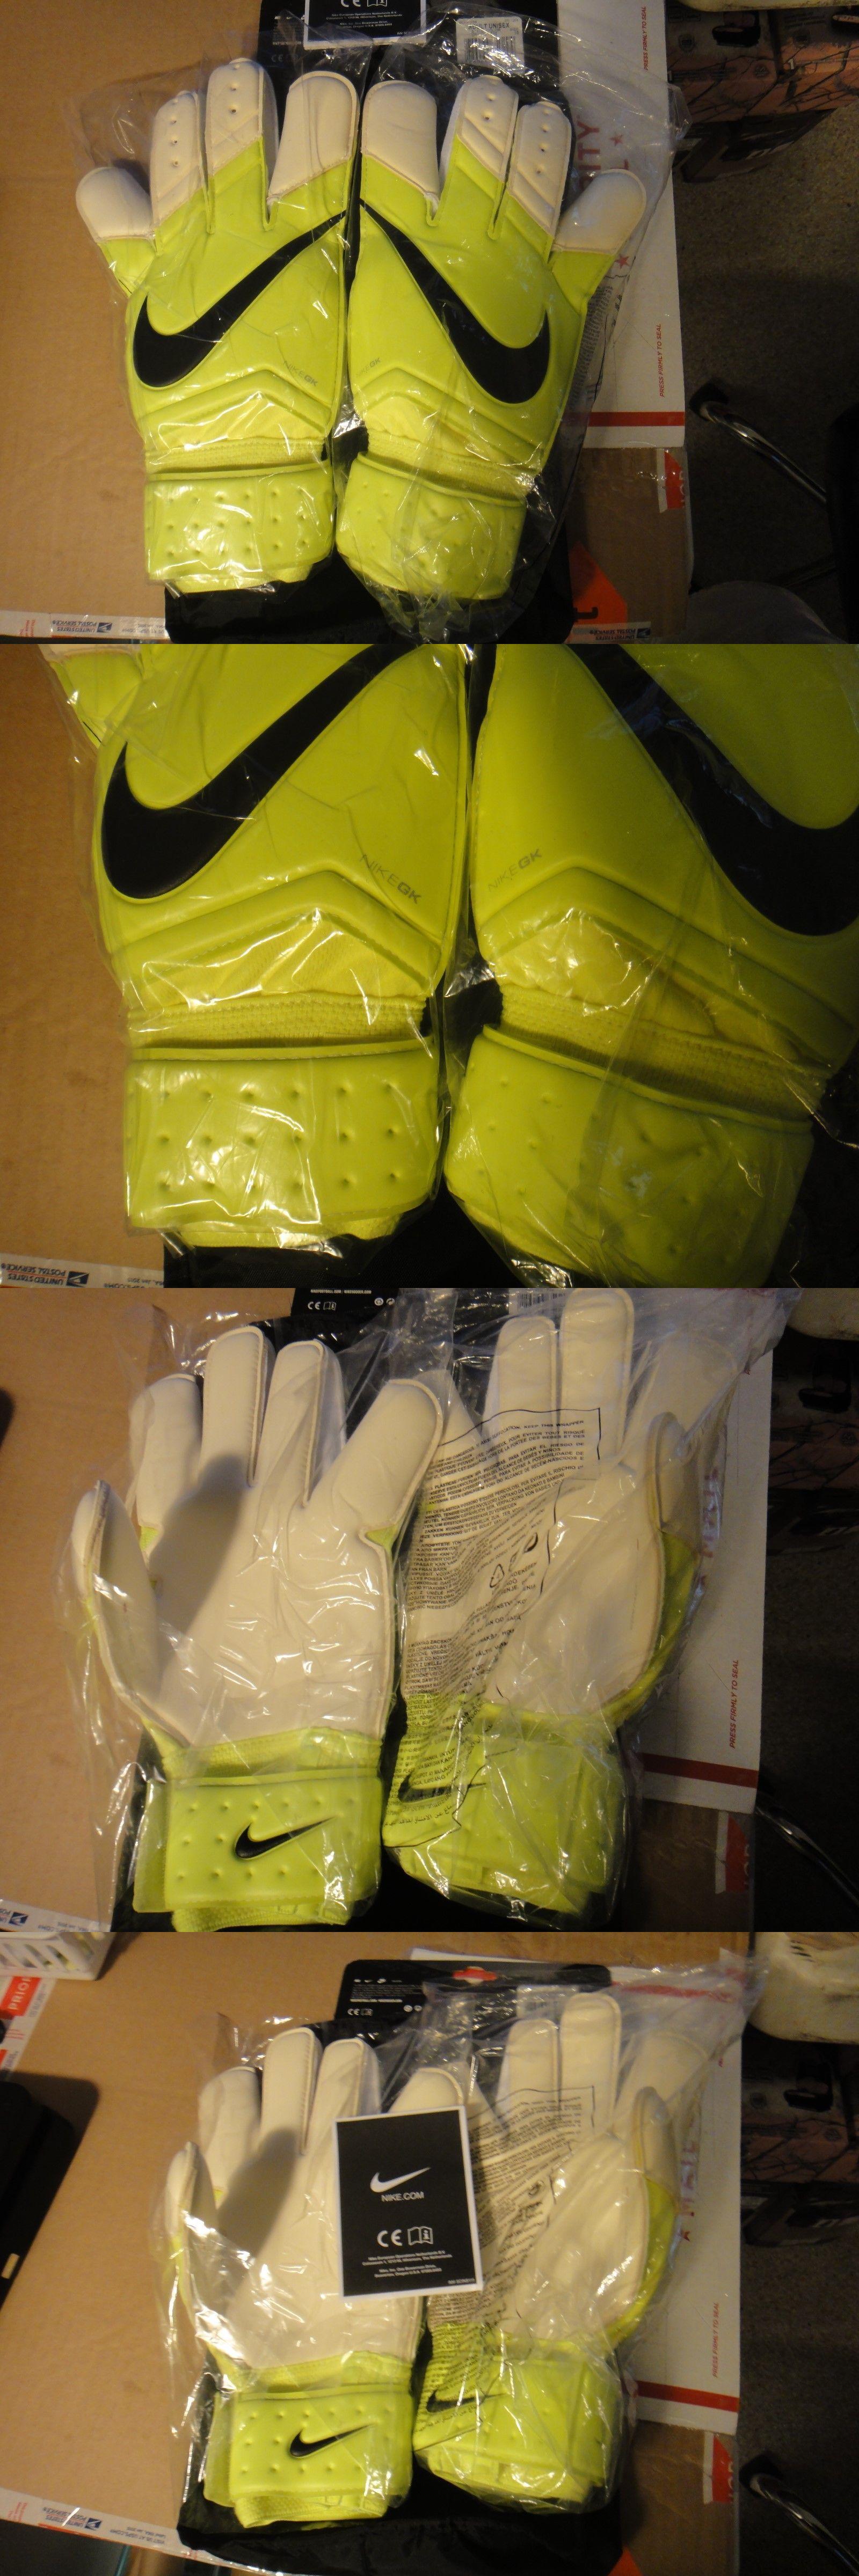 Gloves 57277: Nike Soccer Gk Premier Sgt Elite Goalkeeping Gloves Size 10  -> BUY